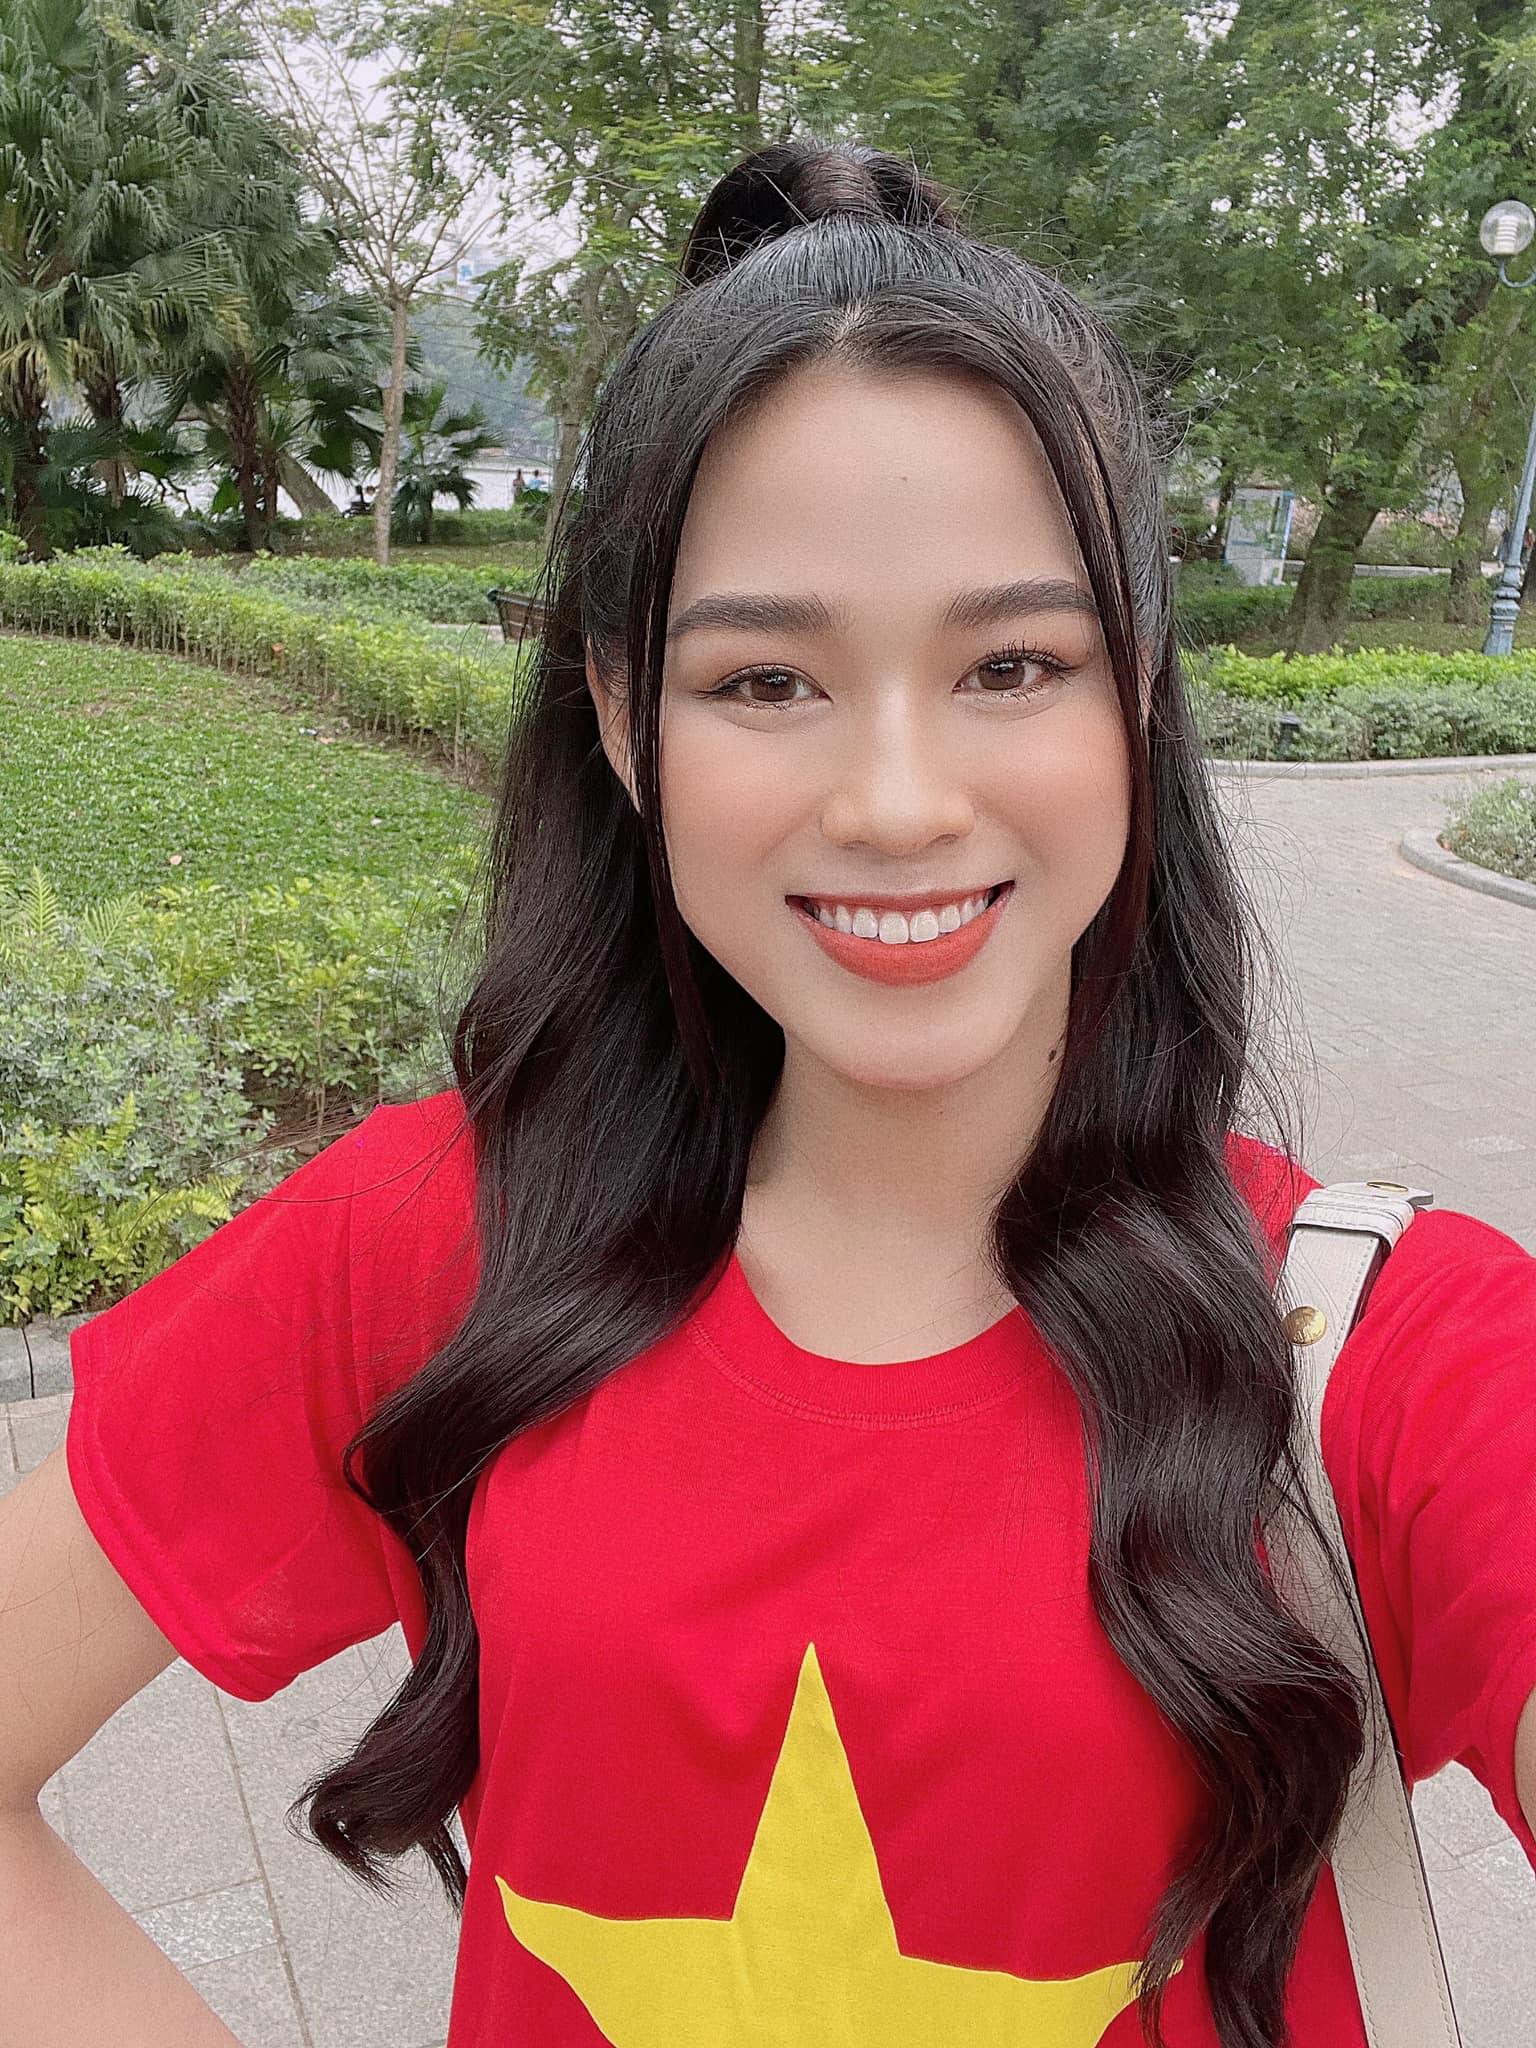 Sao Việt dự đoán tỷ số trận VN-UAE, bất ngờ nhất là lời hứa của hoa hậu - 6